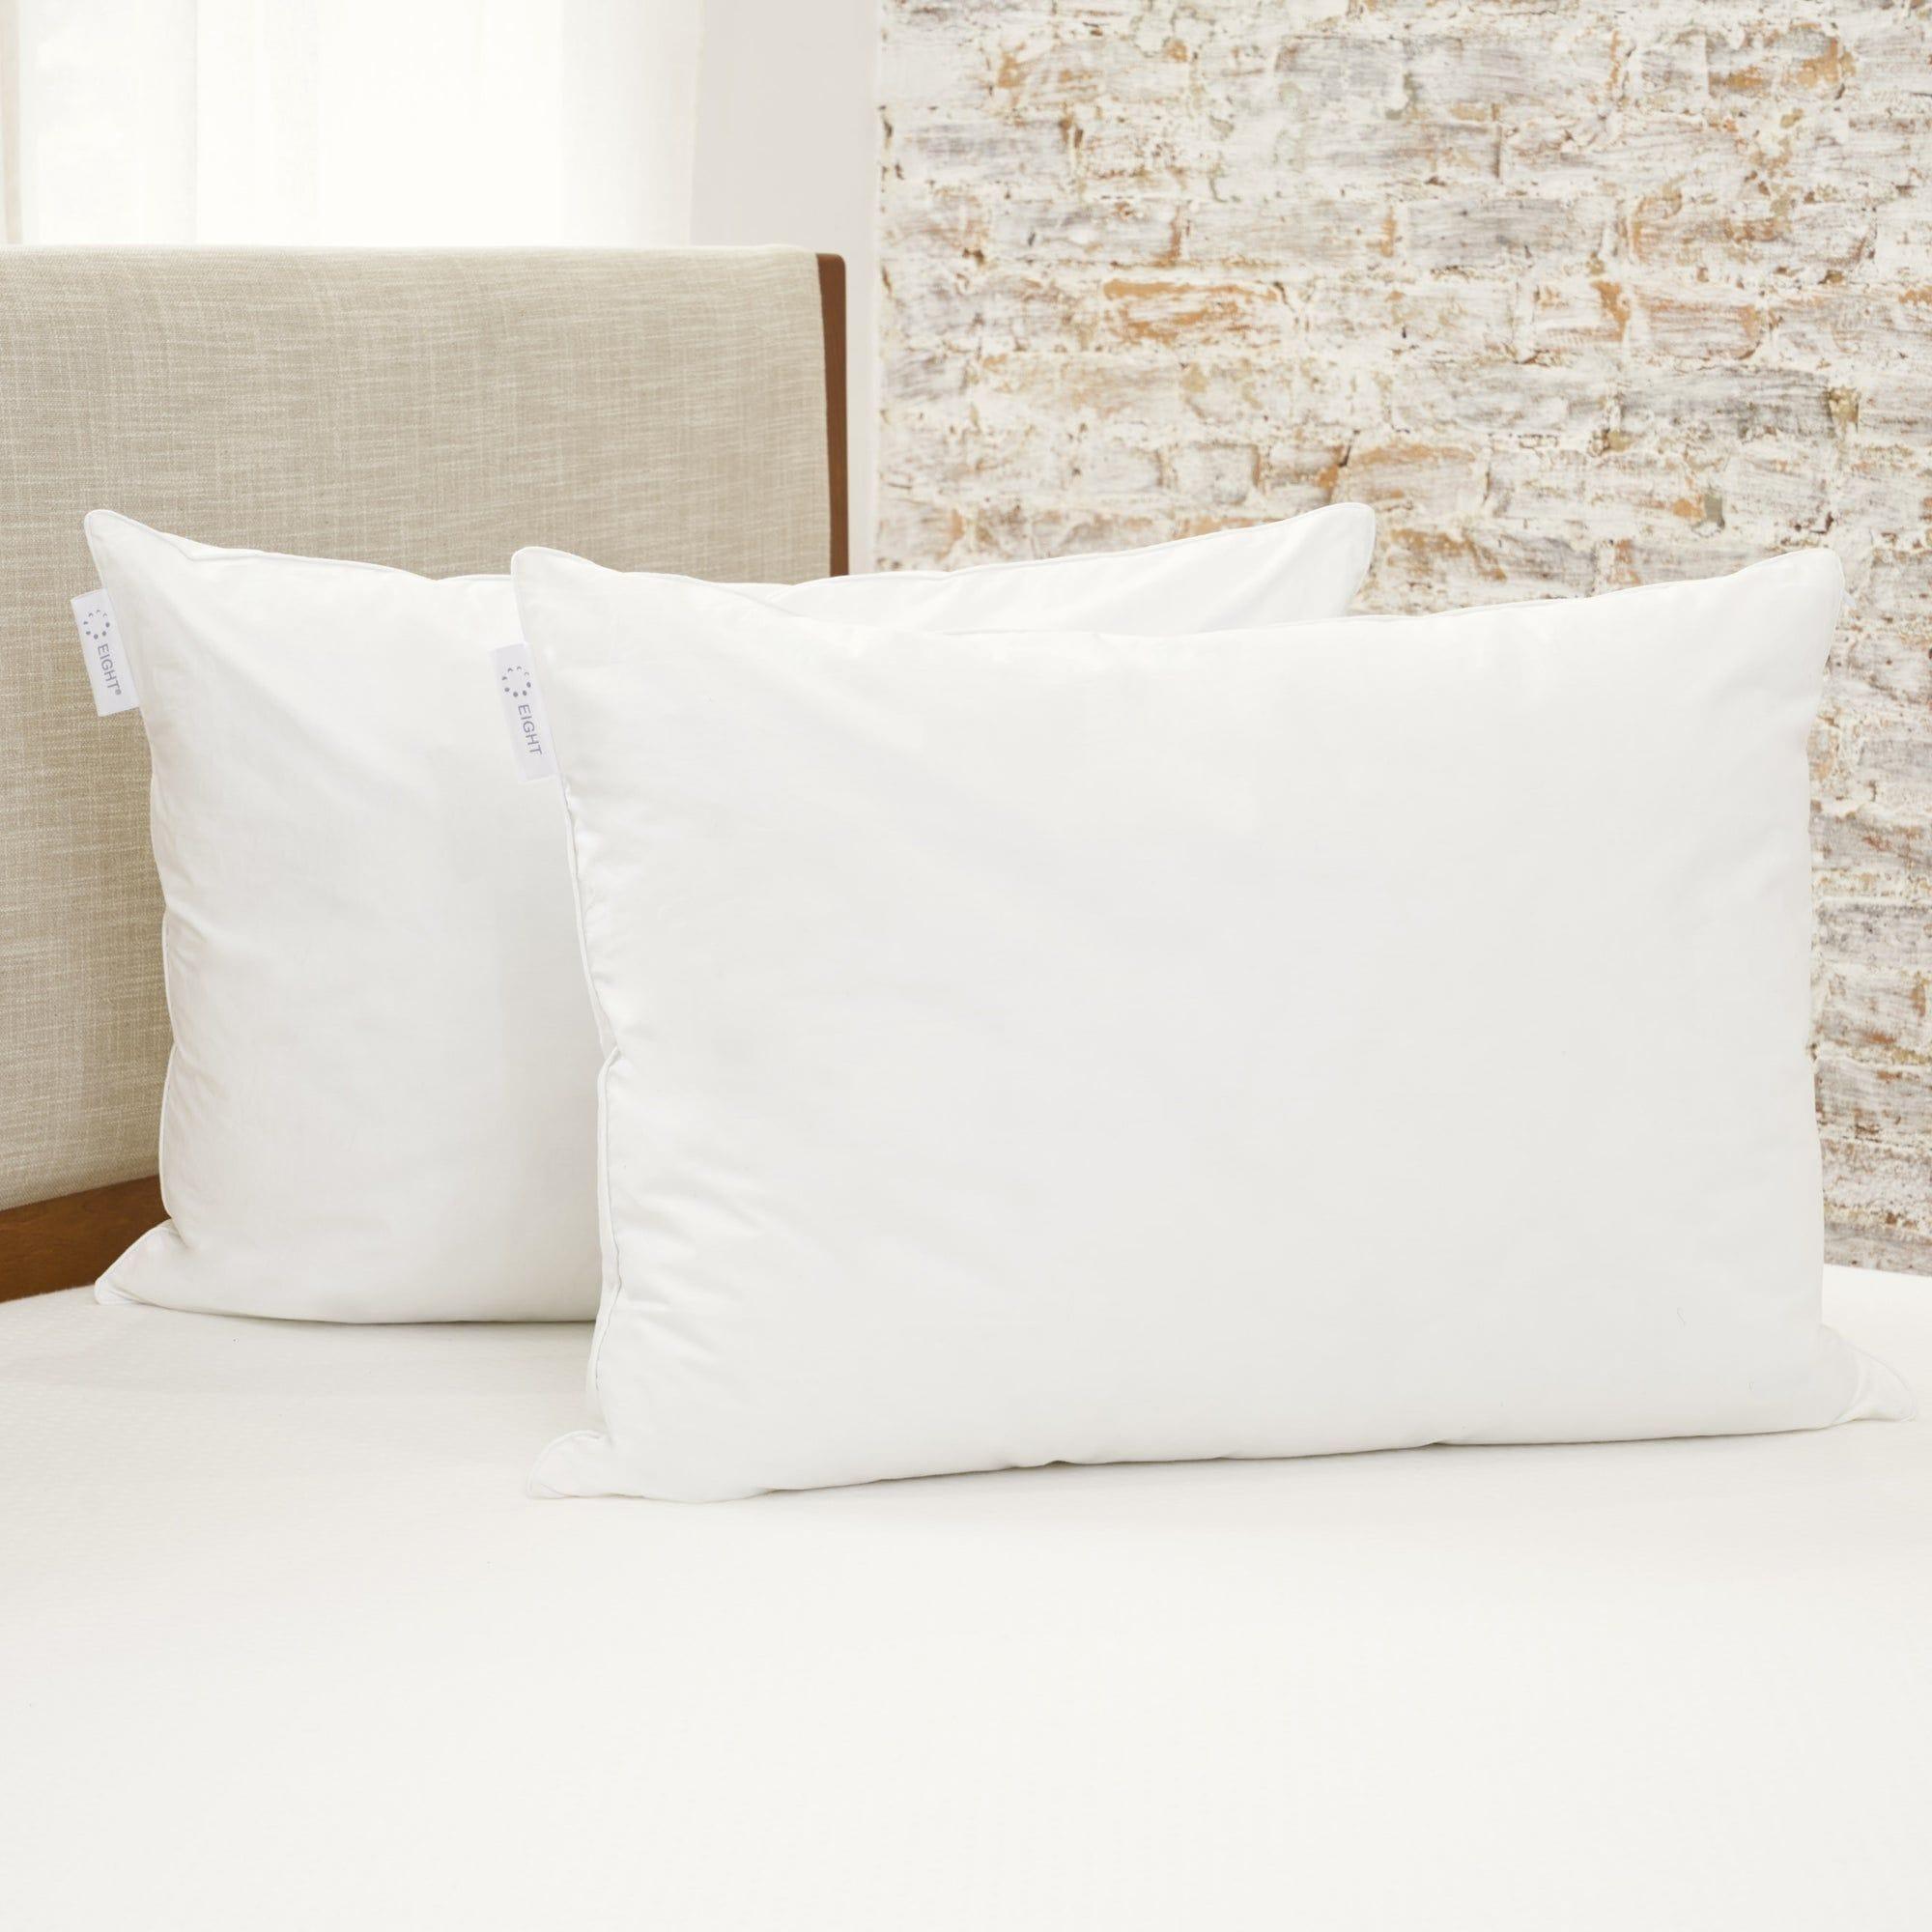 How An Adjustable Pillow Can Help You Sleep Better